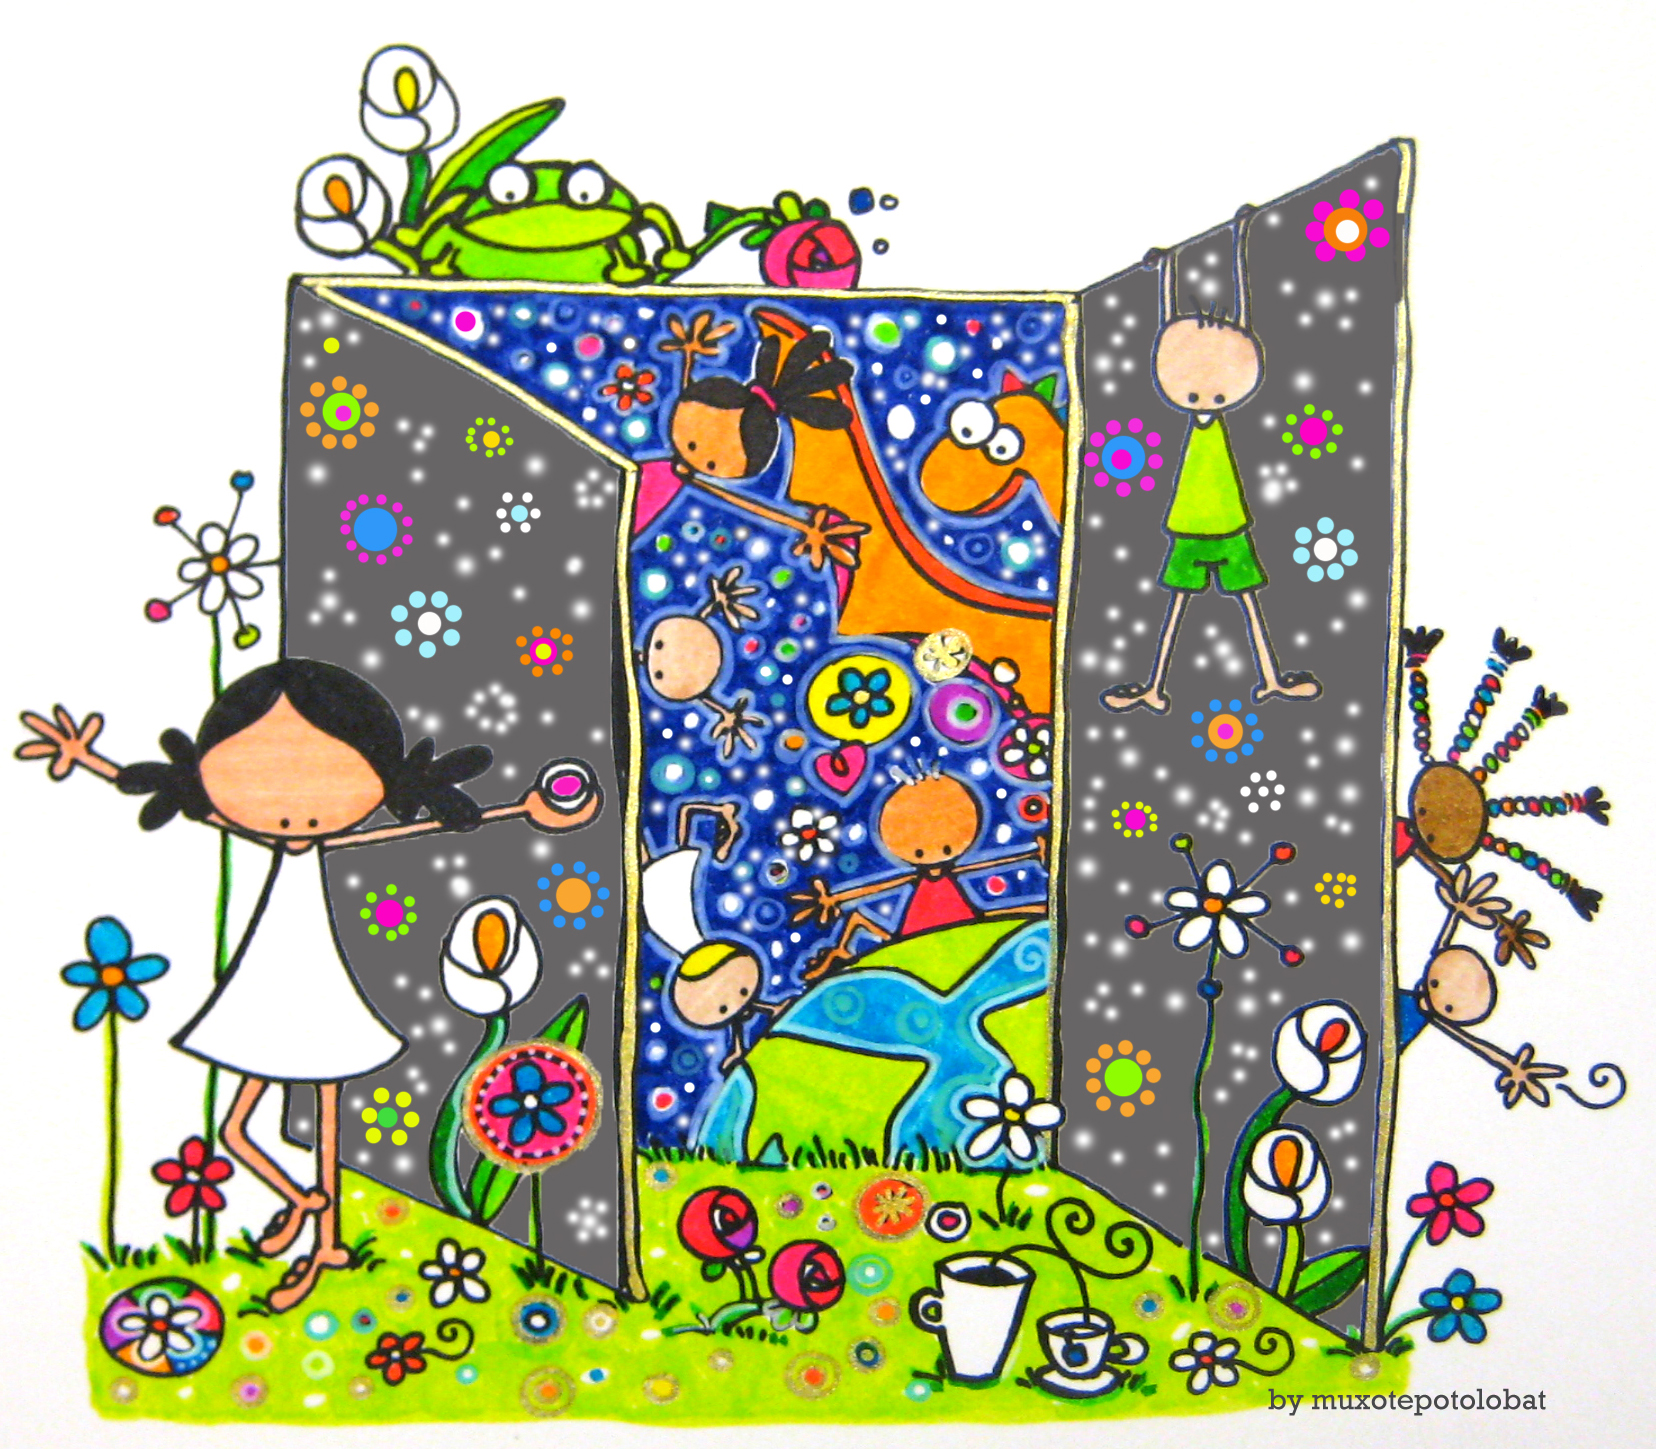 """Ilustración """"Ongietorri!! ¡¡Bienvenidos/as!! Welcome!! Bienvenue!!"""" by mpb"""